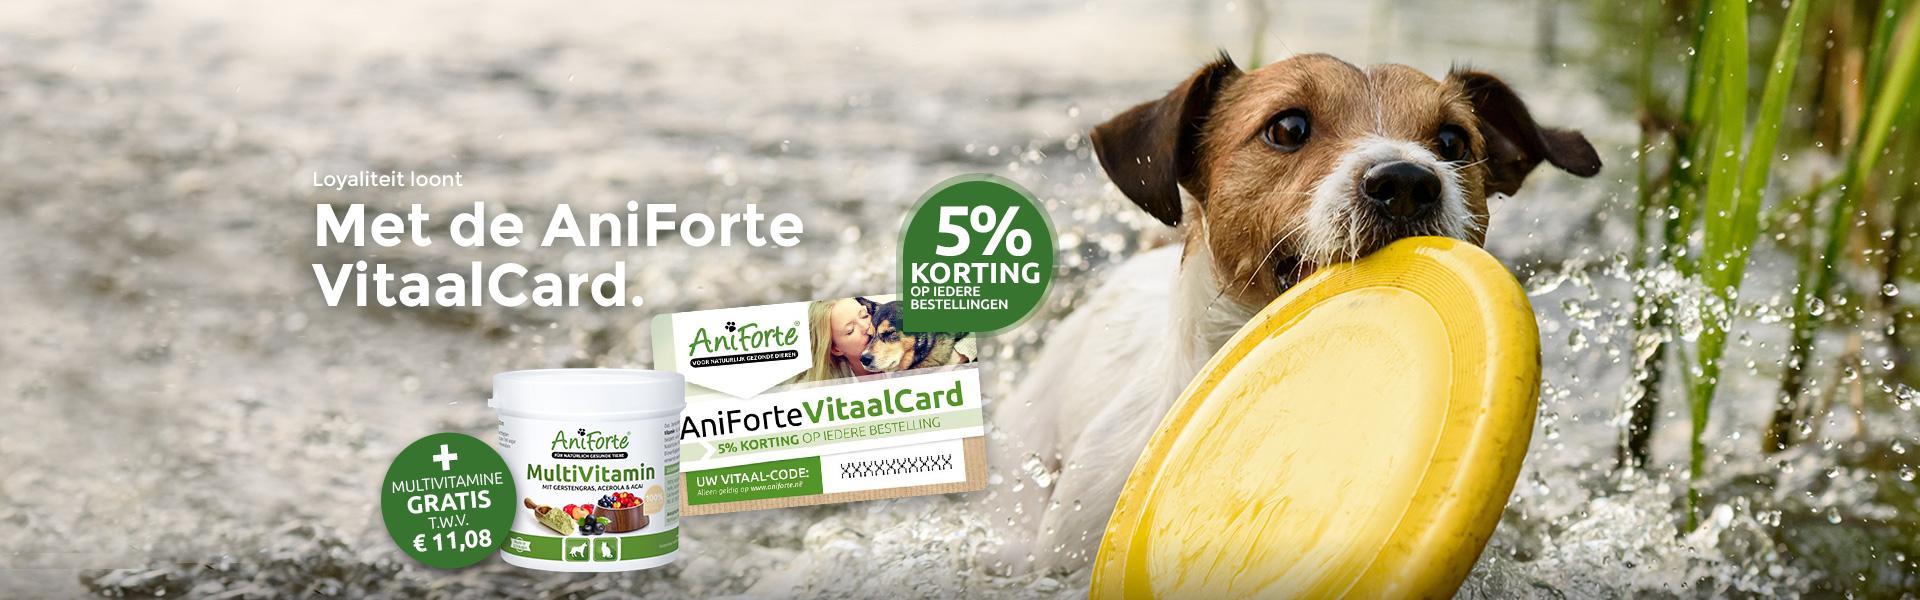 AniForte® VitaalCard - 5% Korting voor ALTIJD